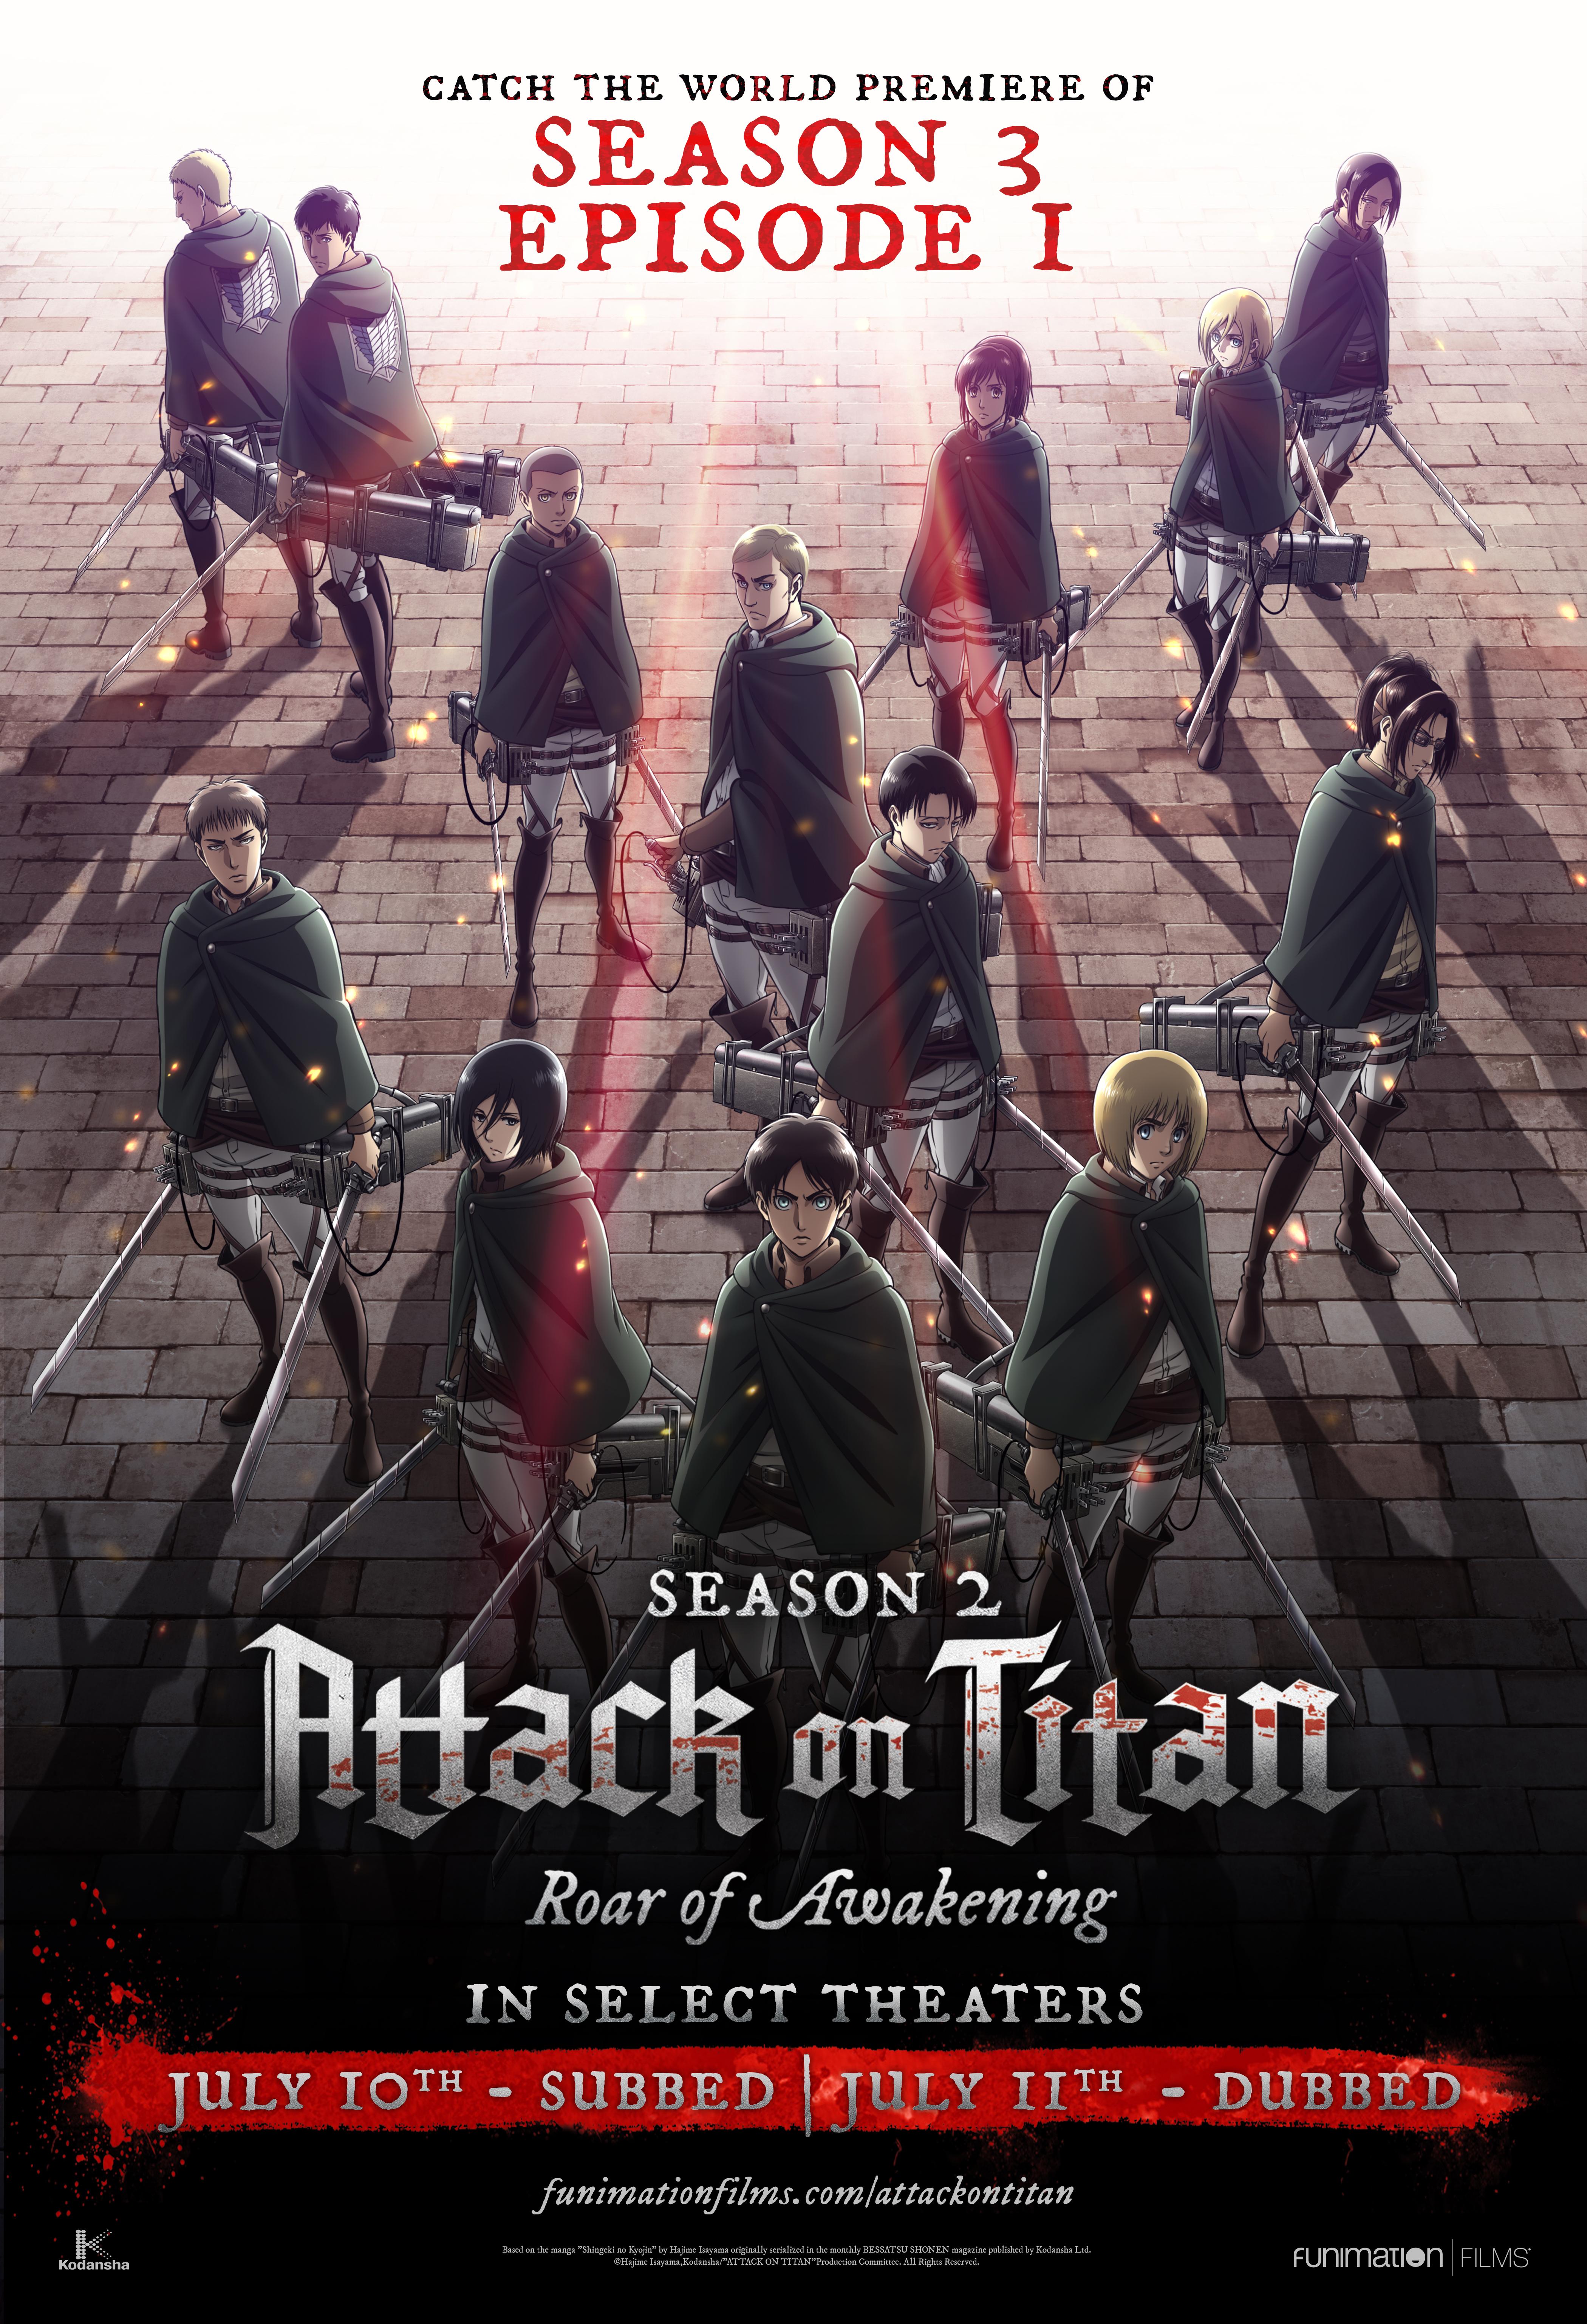 Attack on Titan Season 3 World Premiere Event - Funimation